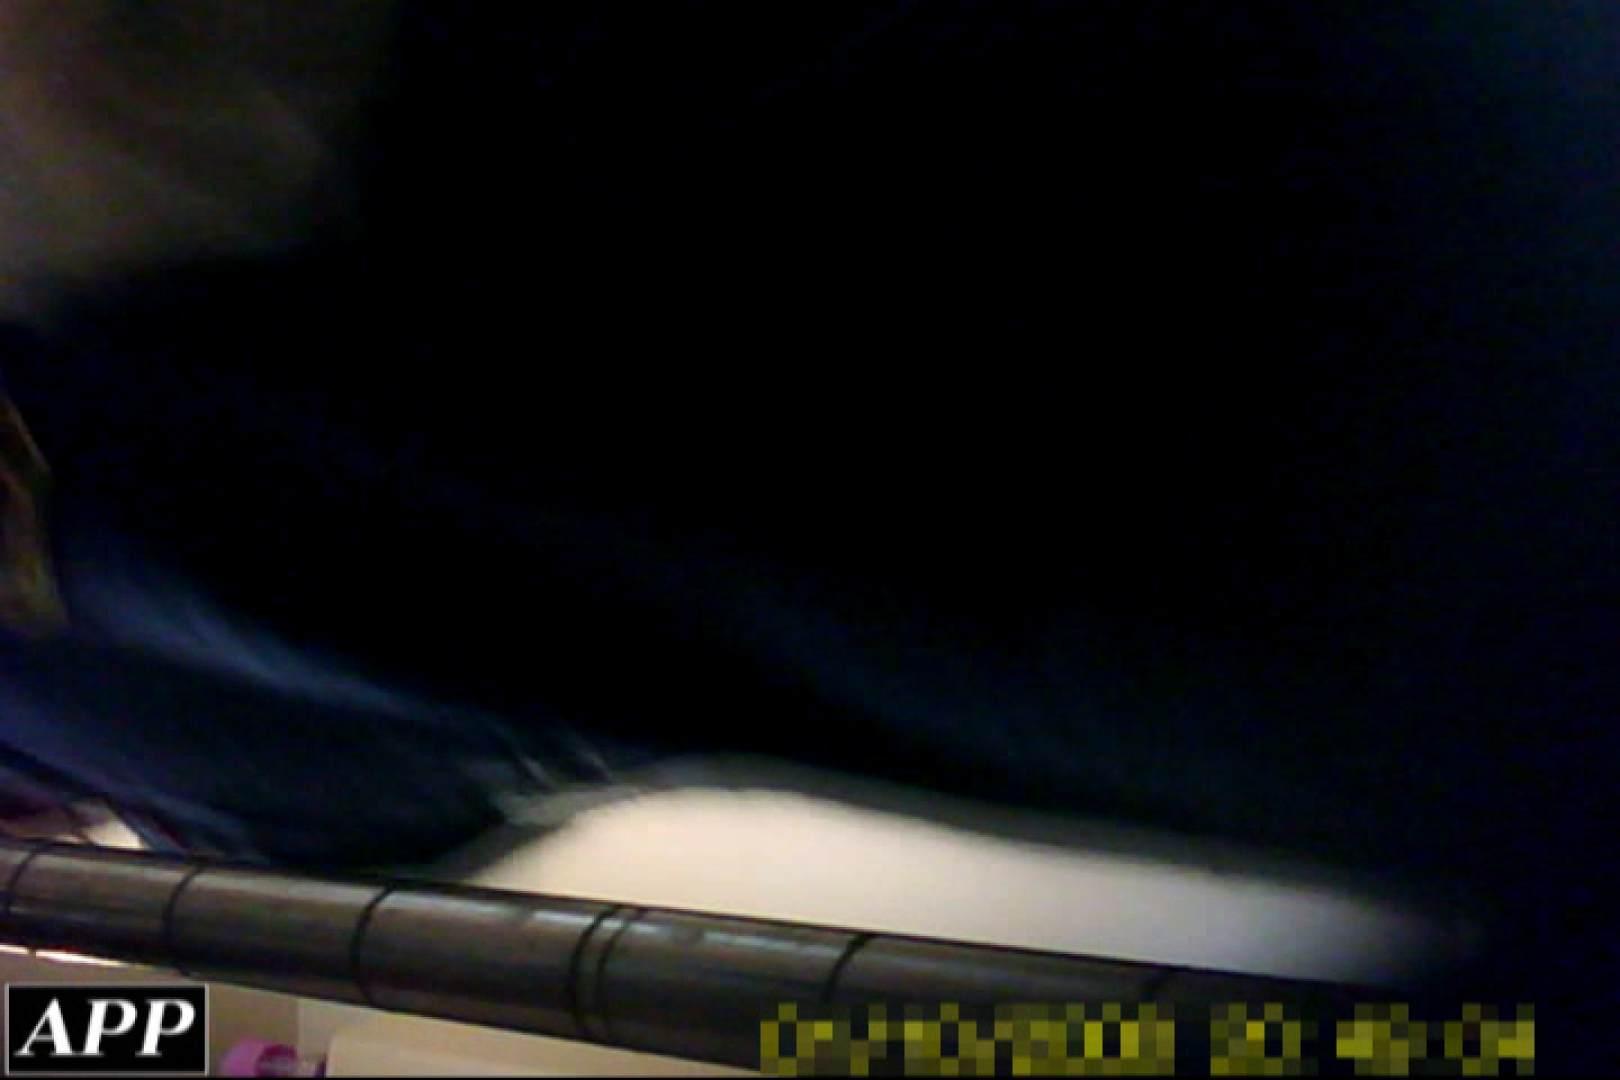 3視点洗面所 vol.121 肛門編 エロ無料画像 92PIX 59